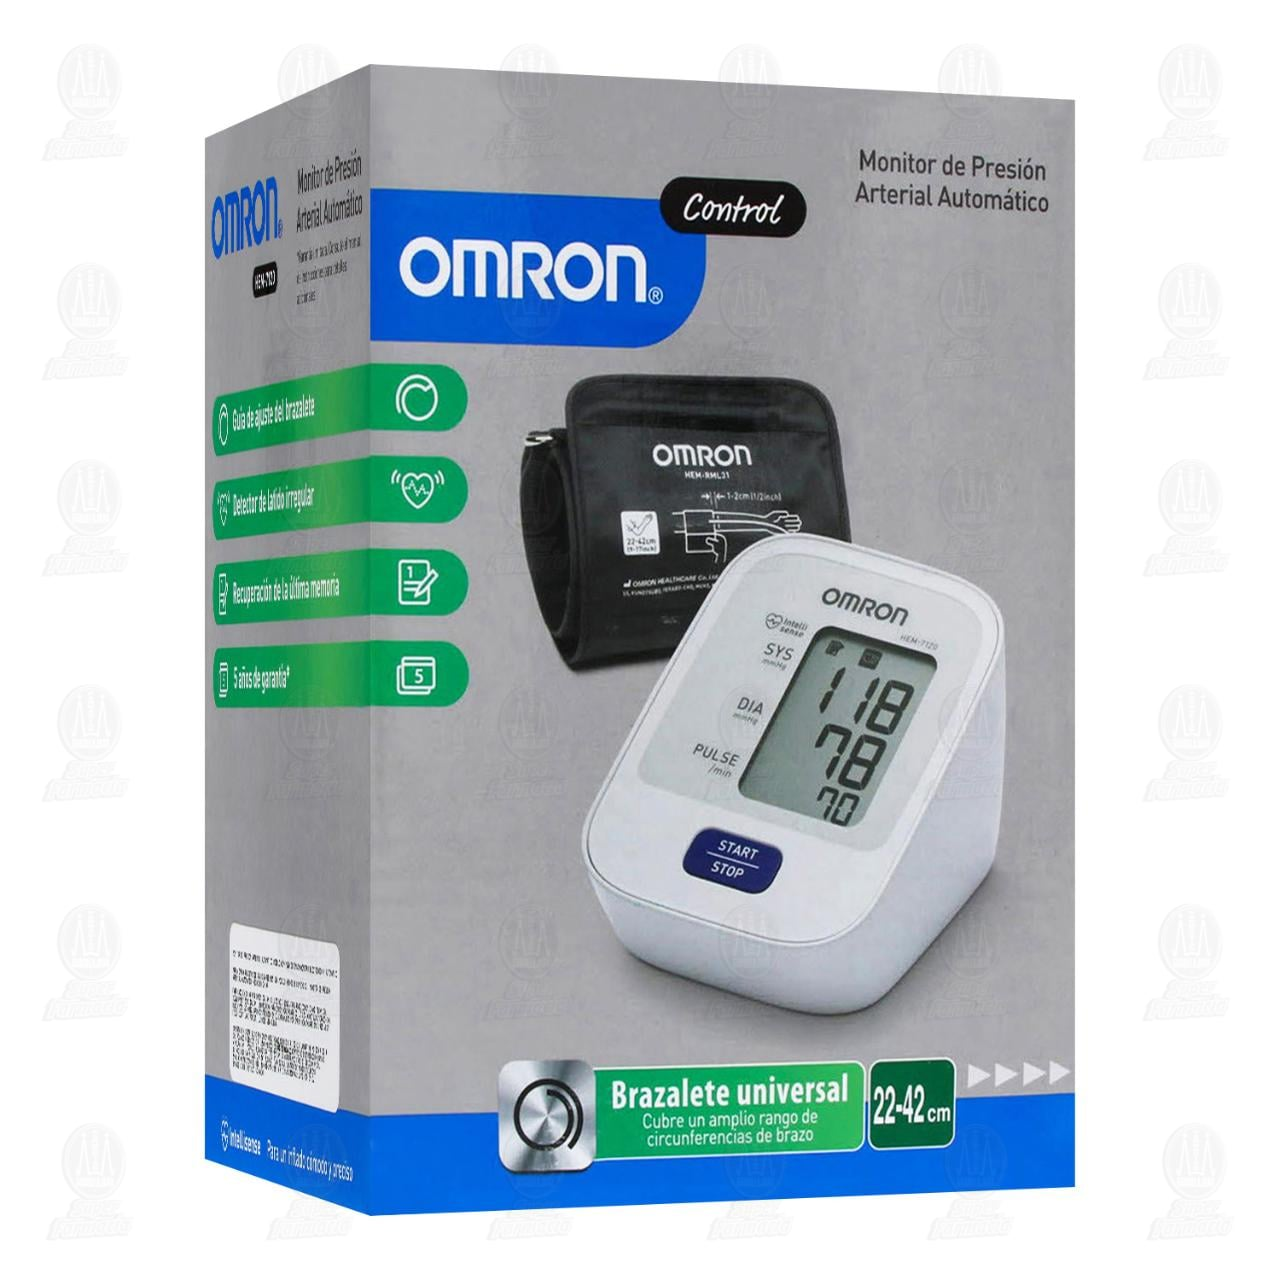 Comprar Monitor Omron Presión Arterial Automático Brazo en Farmacias Guadalajara